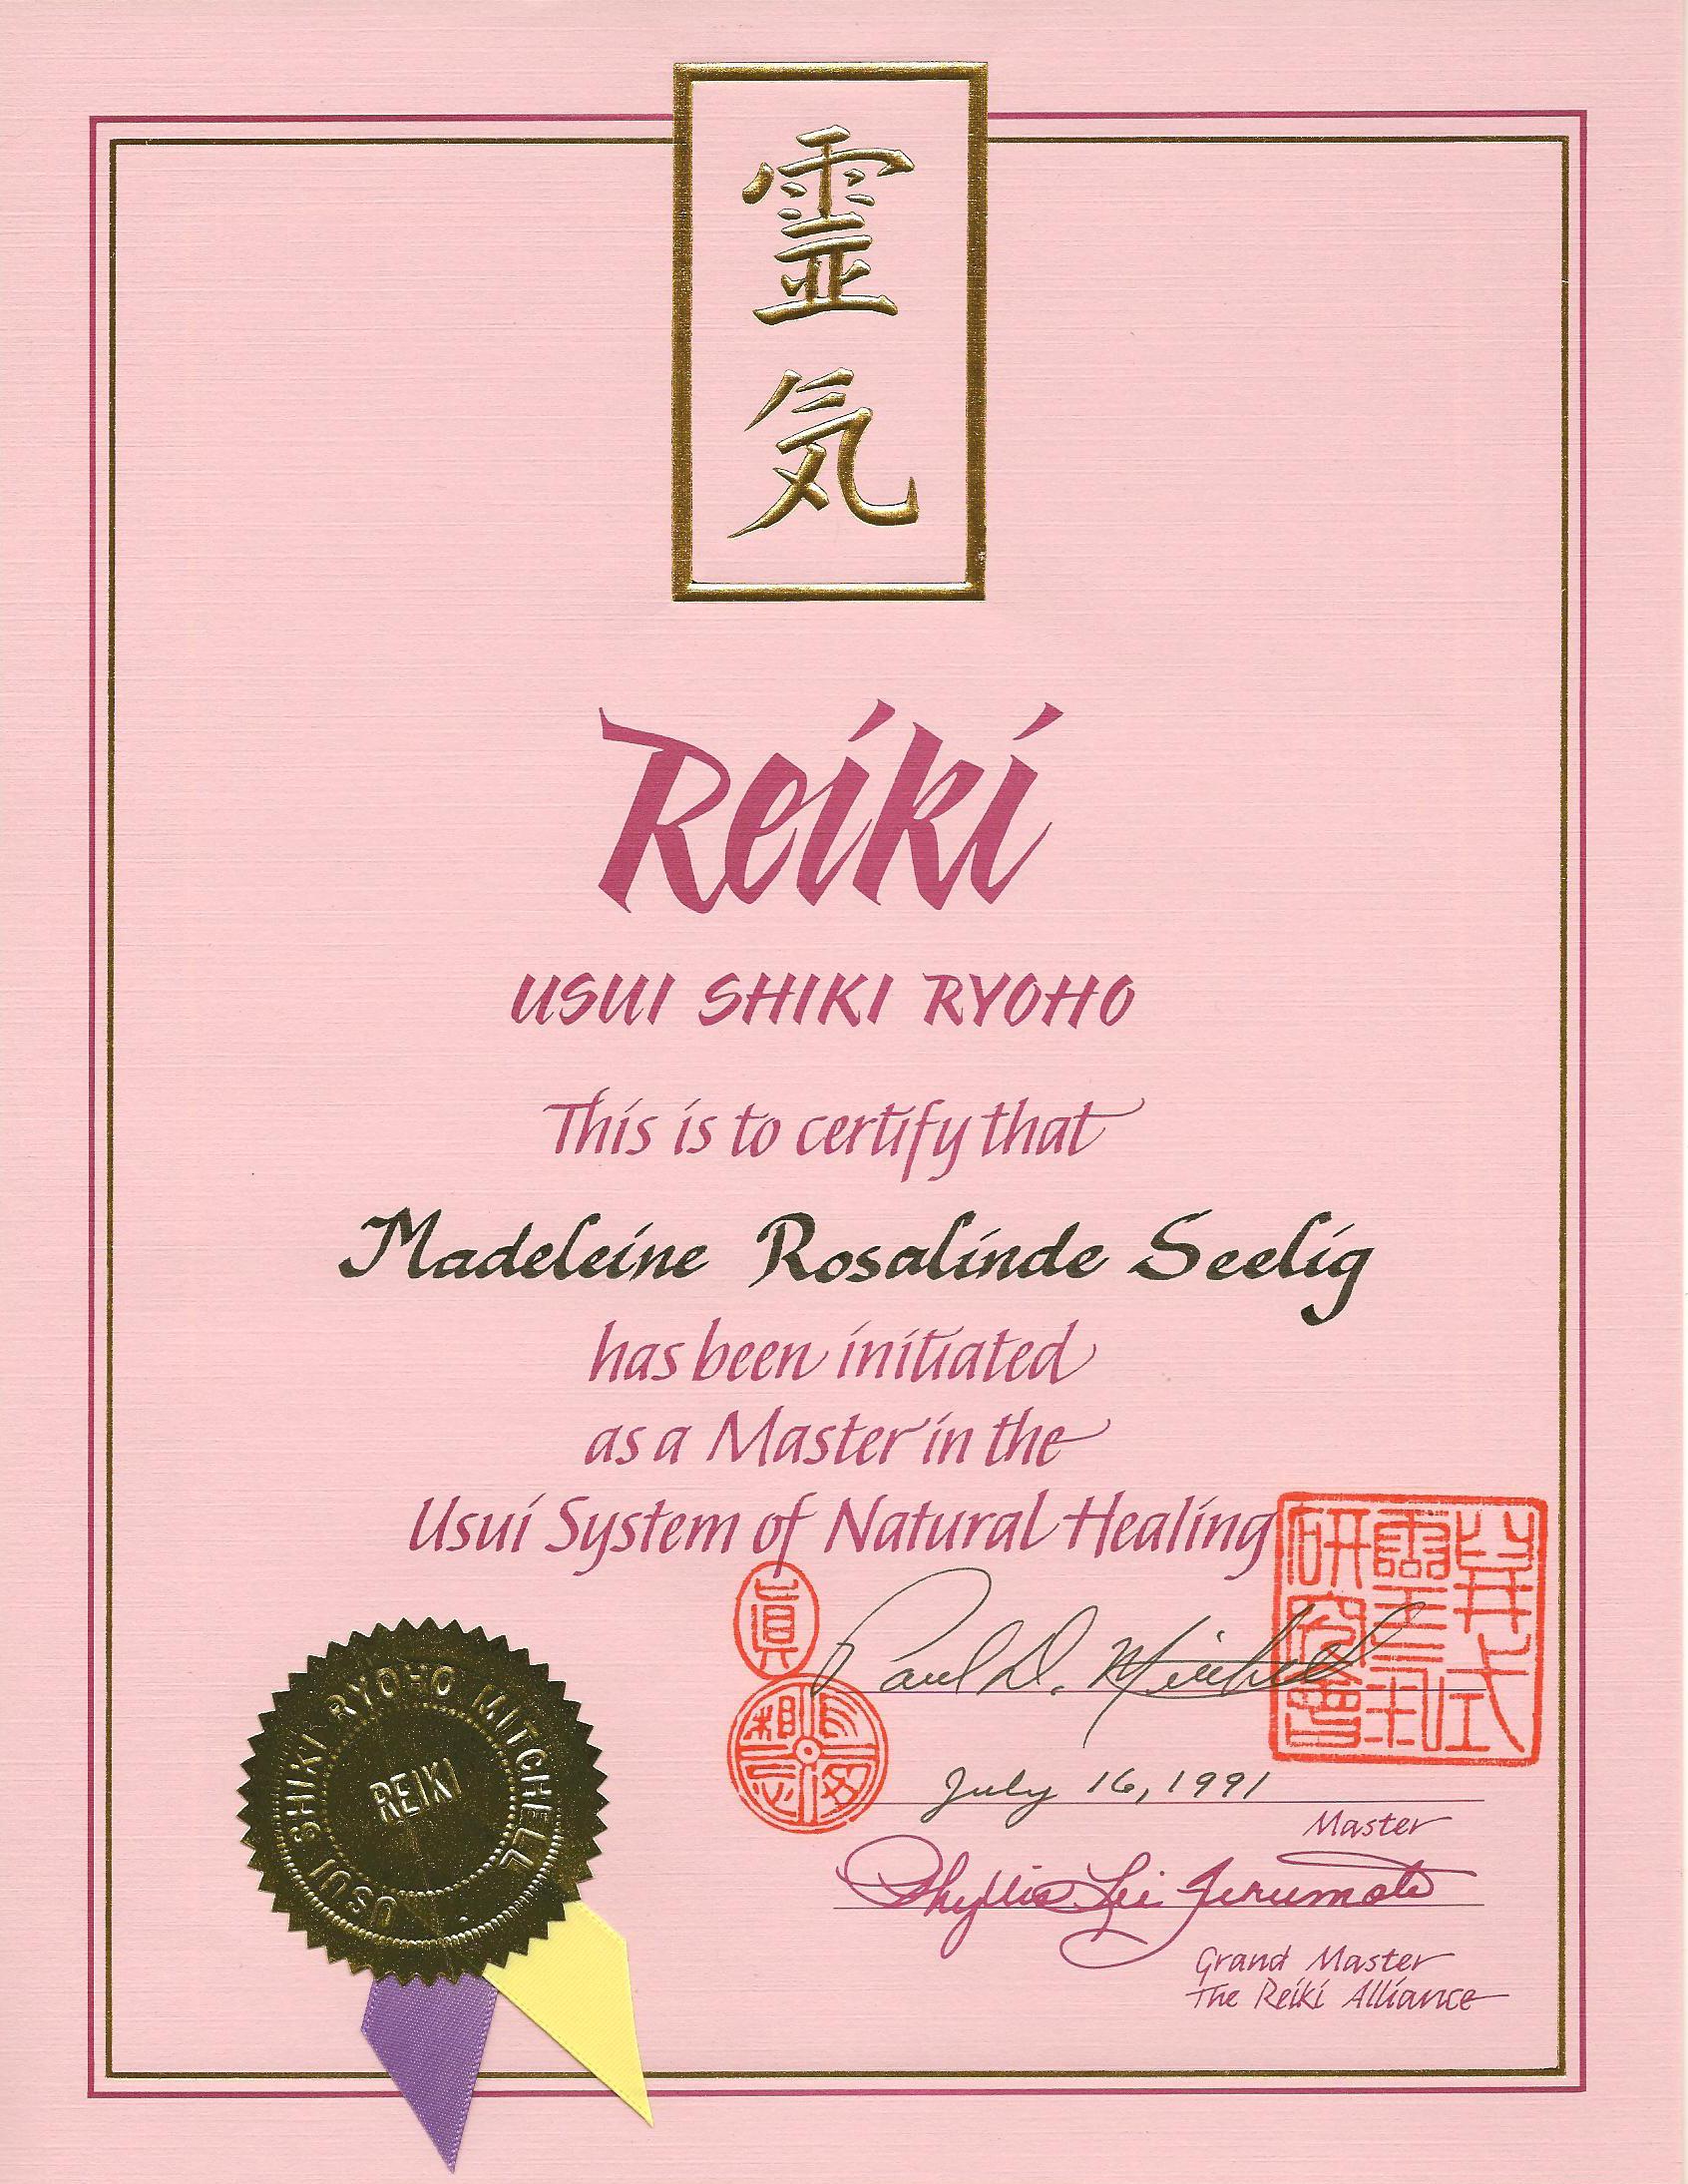 Reiki Master certifikaat 16-7-1991